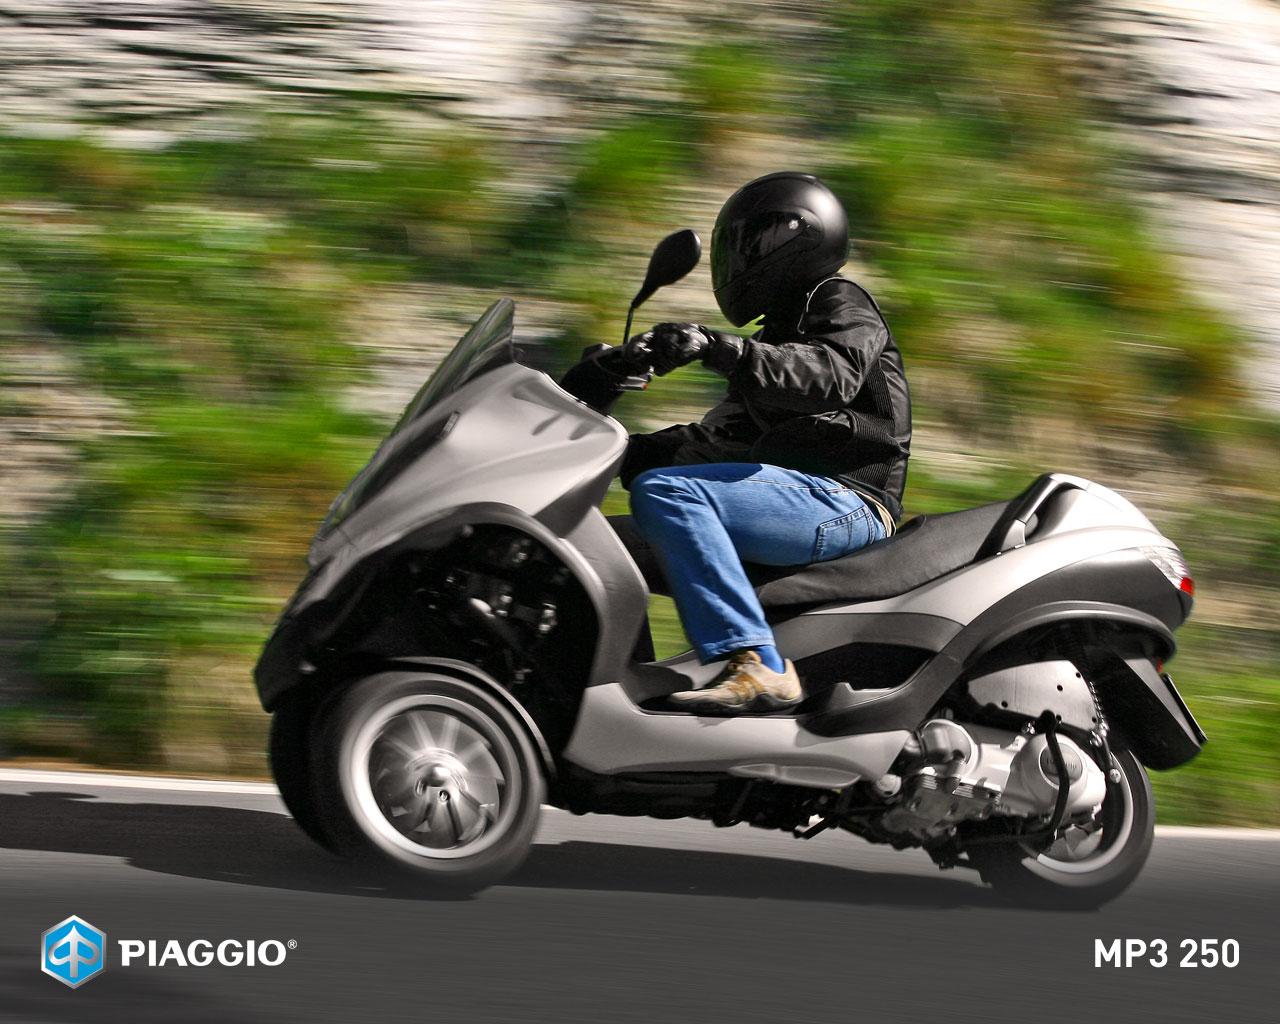 piaggio mp3 250 specs 2010 2011 autoevolution. Black Bedroom Furniture Sets. Home Design Ideas